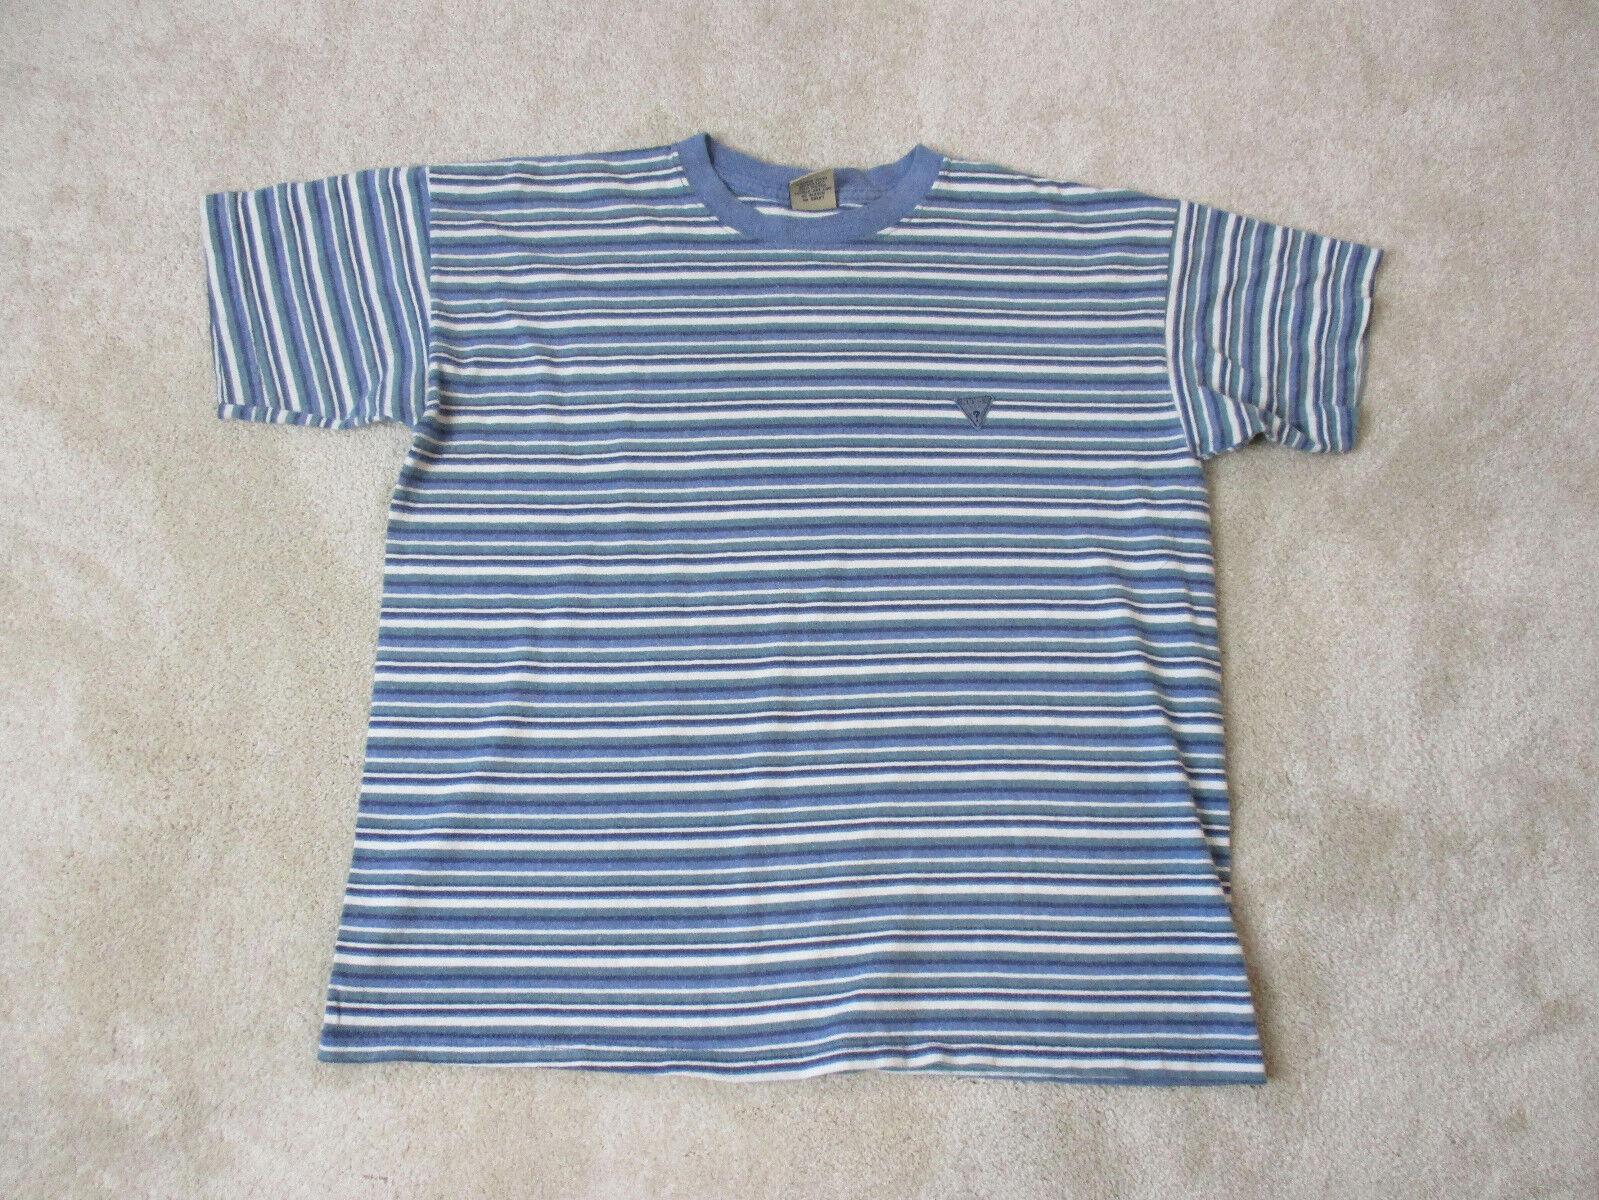 14573864efd8 Guess Jeans T Shirt Striped Asap - raveitsafe